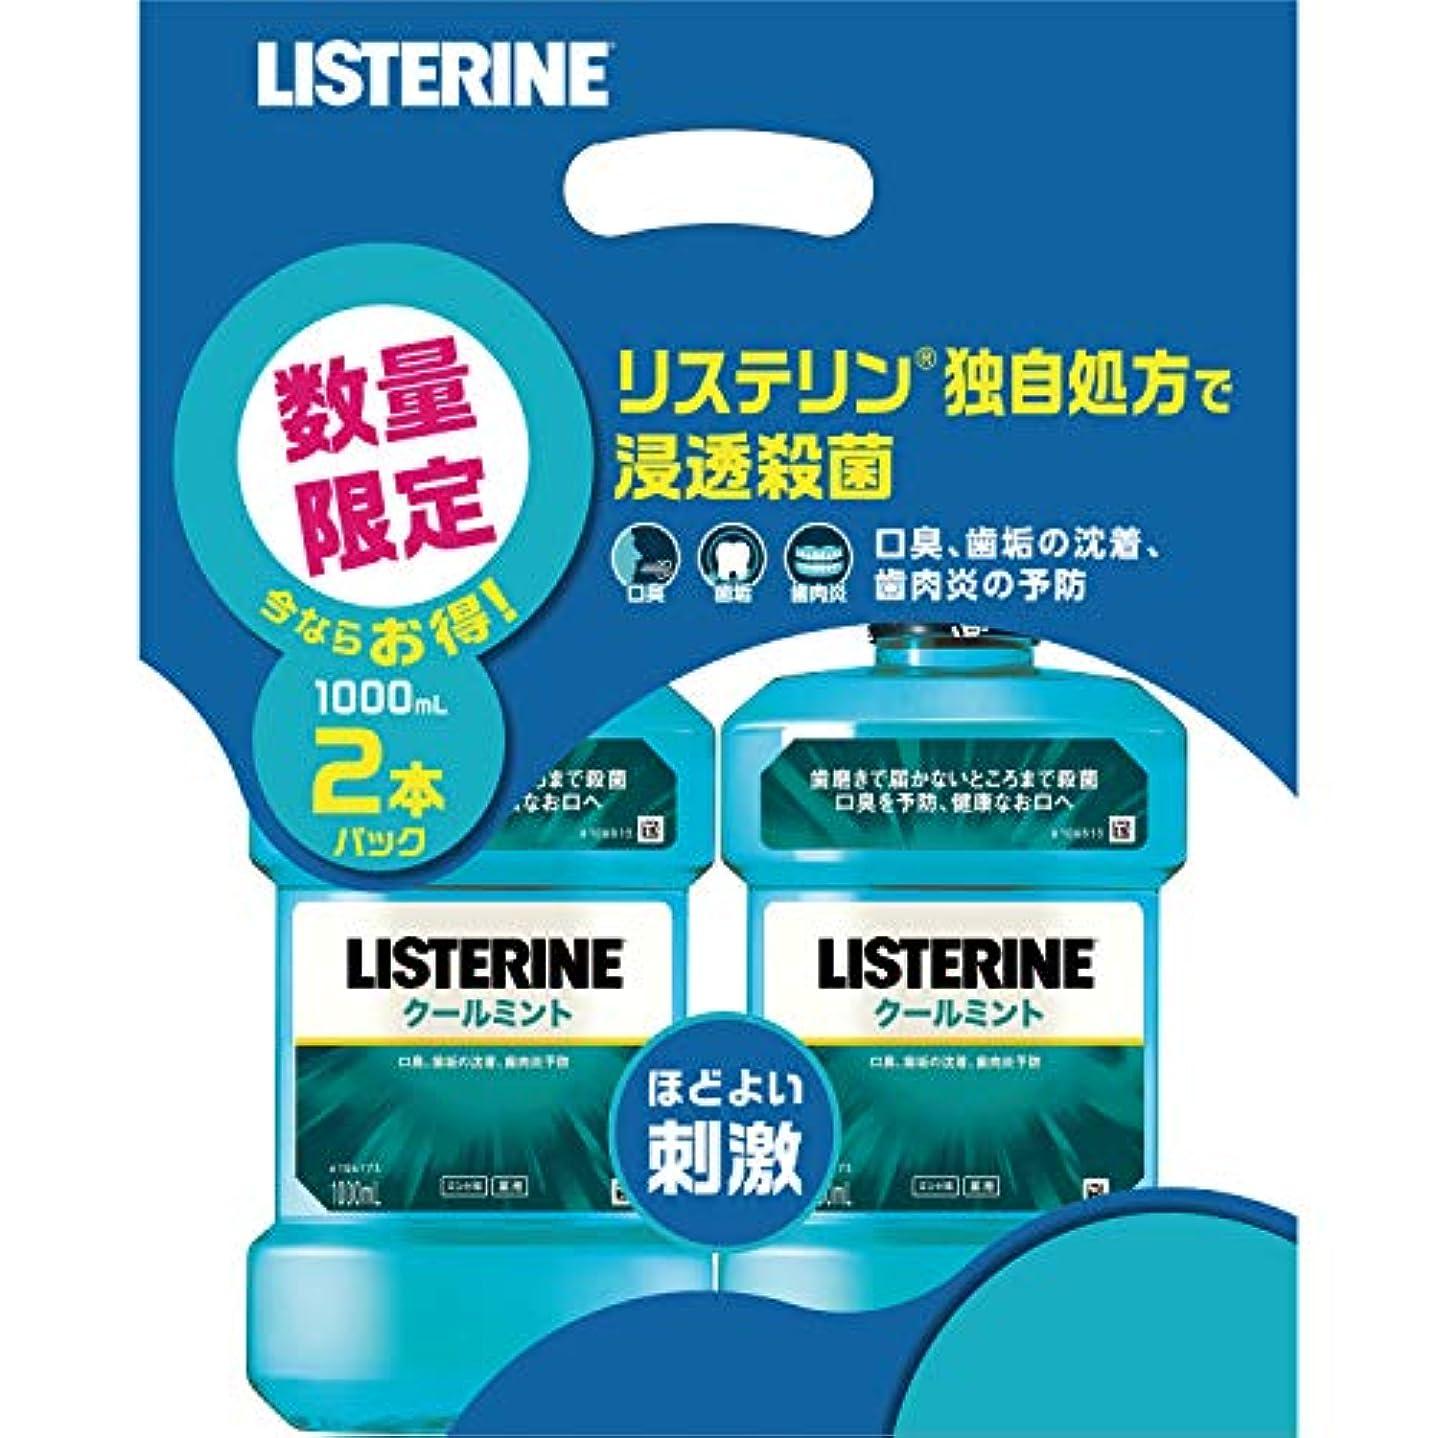 偽ブローホール棚LISTERINE(リステリン) 薬用 リステリン クールミント マウスウォッシュ ミント味 【まとめ買い】 1000mL×2個